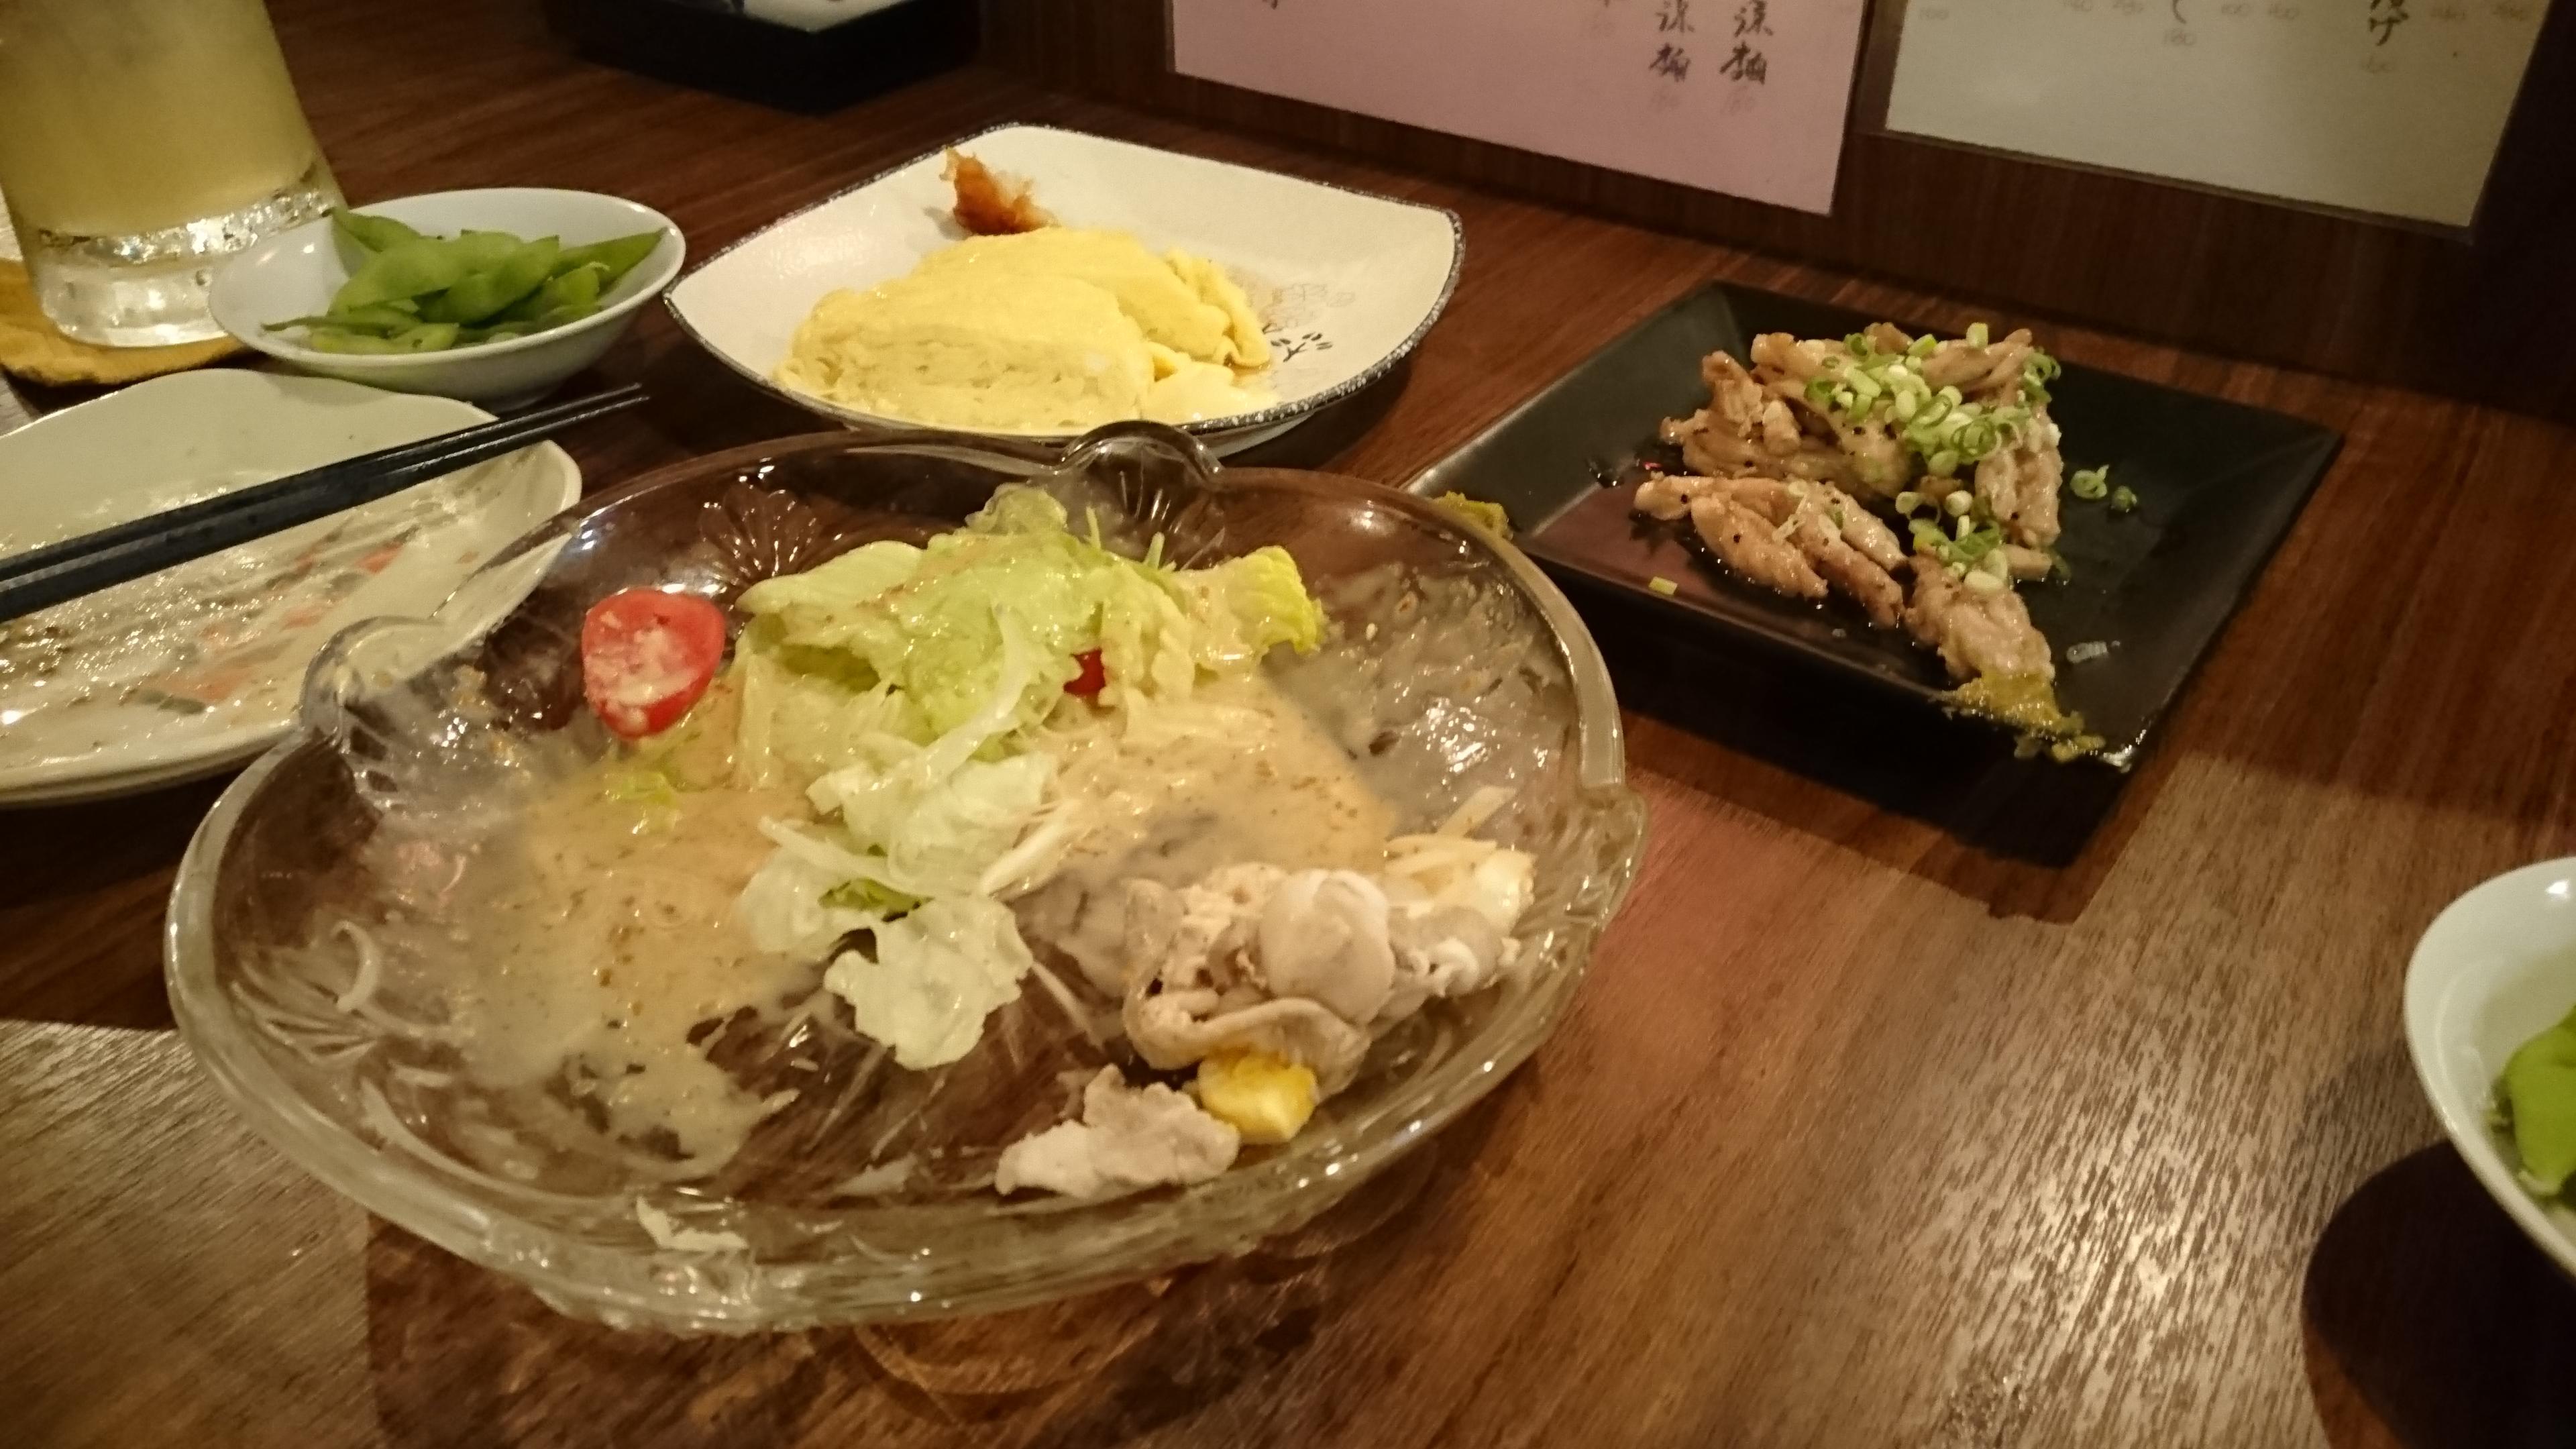 日本食を食べに行こう!